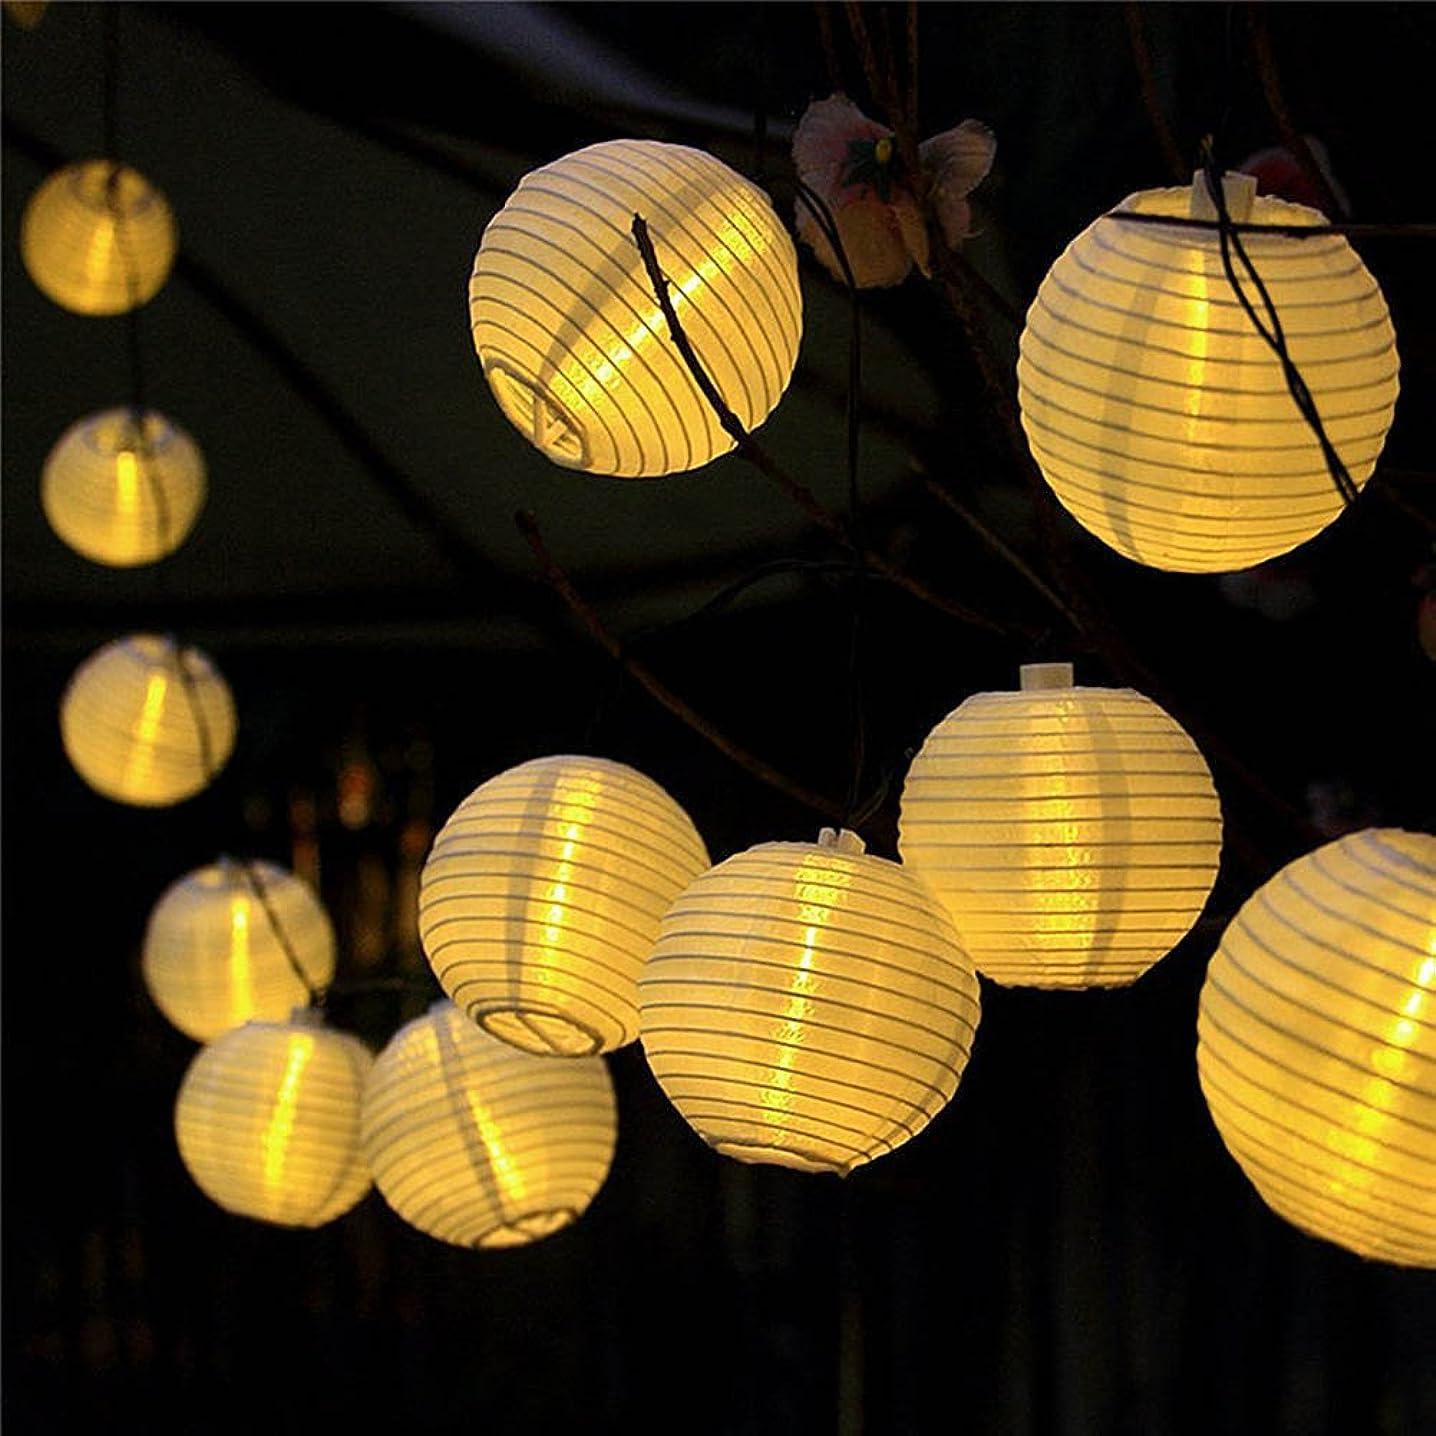 ながらアスレチックめる提灯ライト ATPWONZ ちょうちん 6.35M 30球 提灯 LEDストリングライト 電池式 防水 イベント 看板 お祭り屋台に装飾用 屋外 パーティー クリスマス飾り付けライト 電球色 丸型